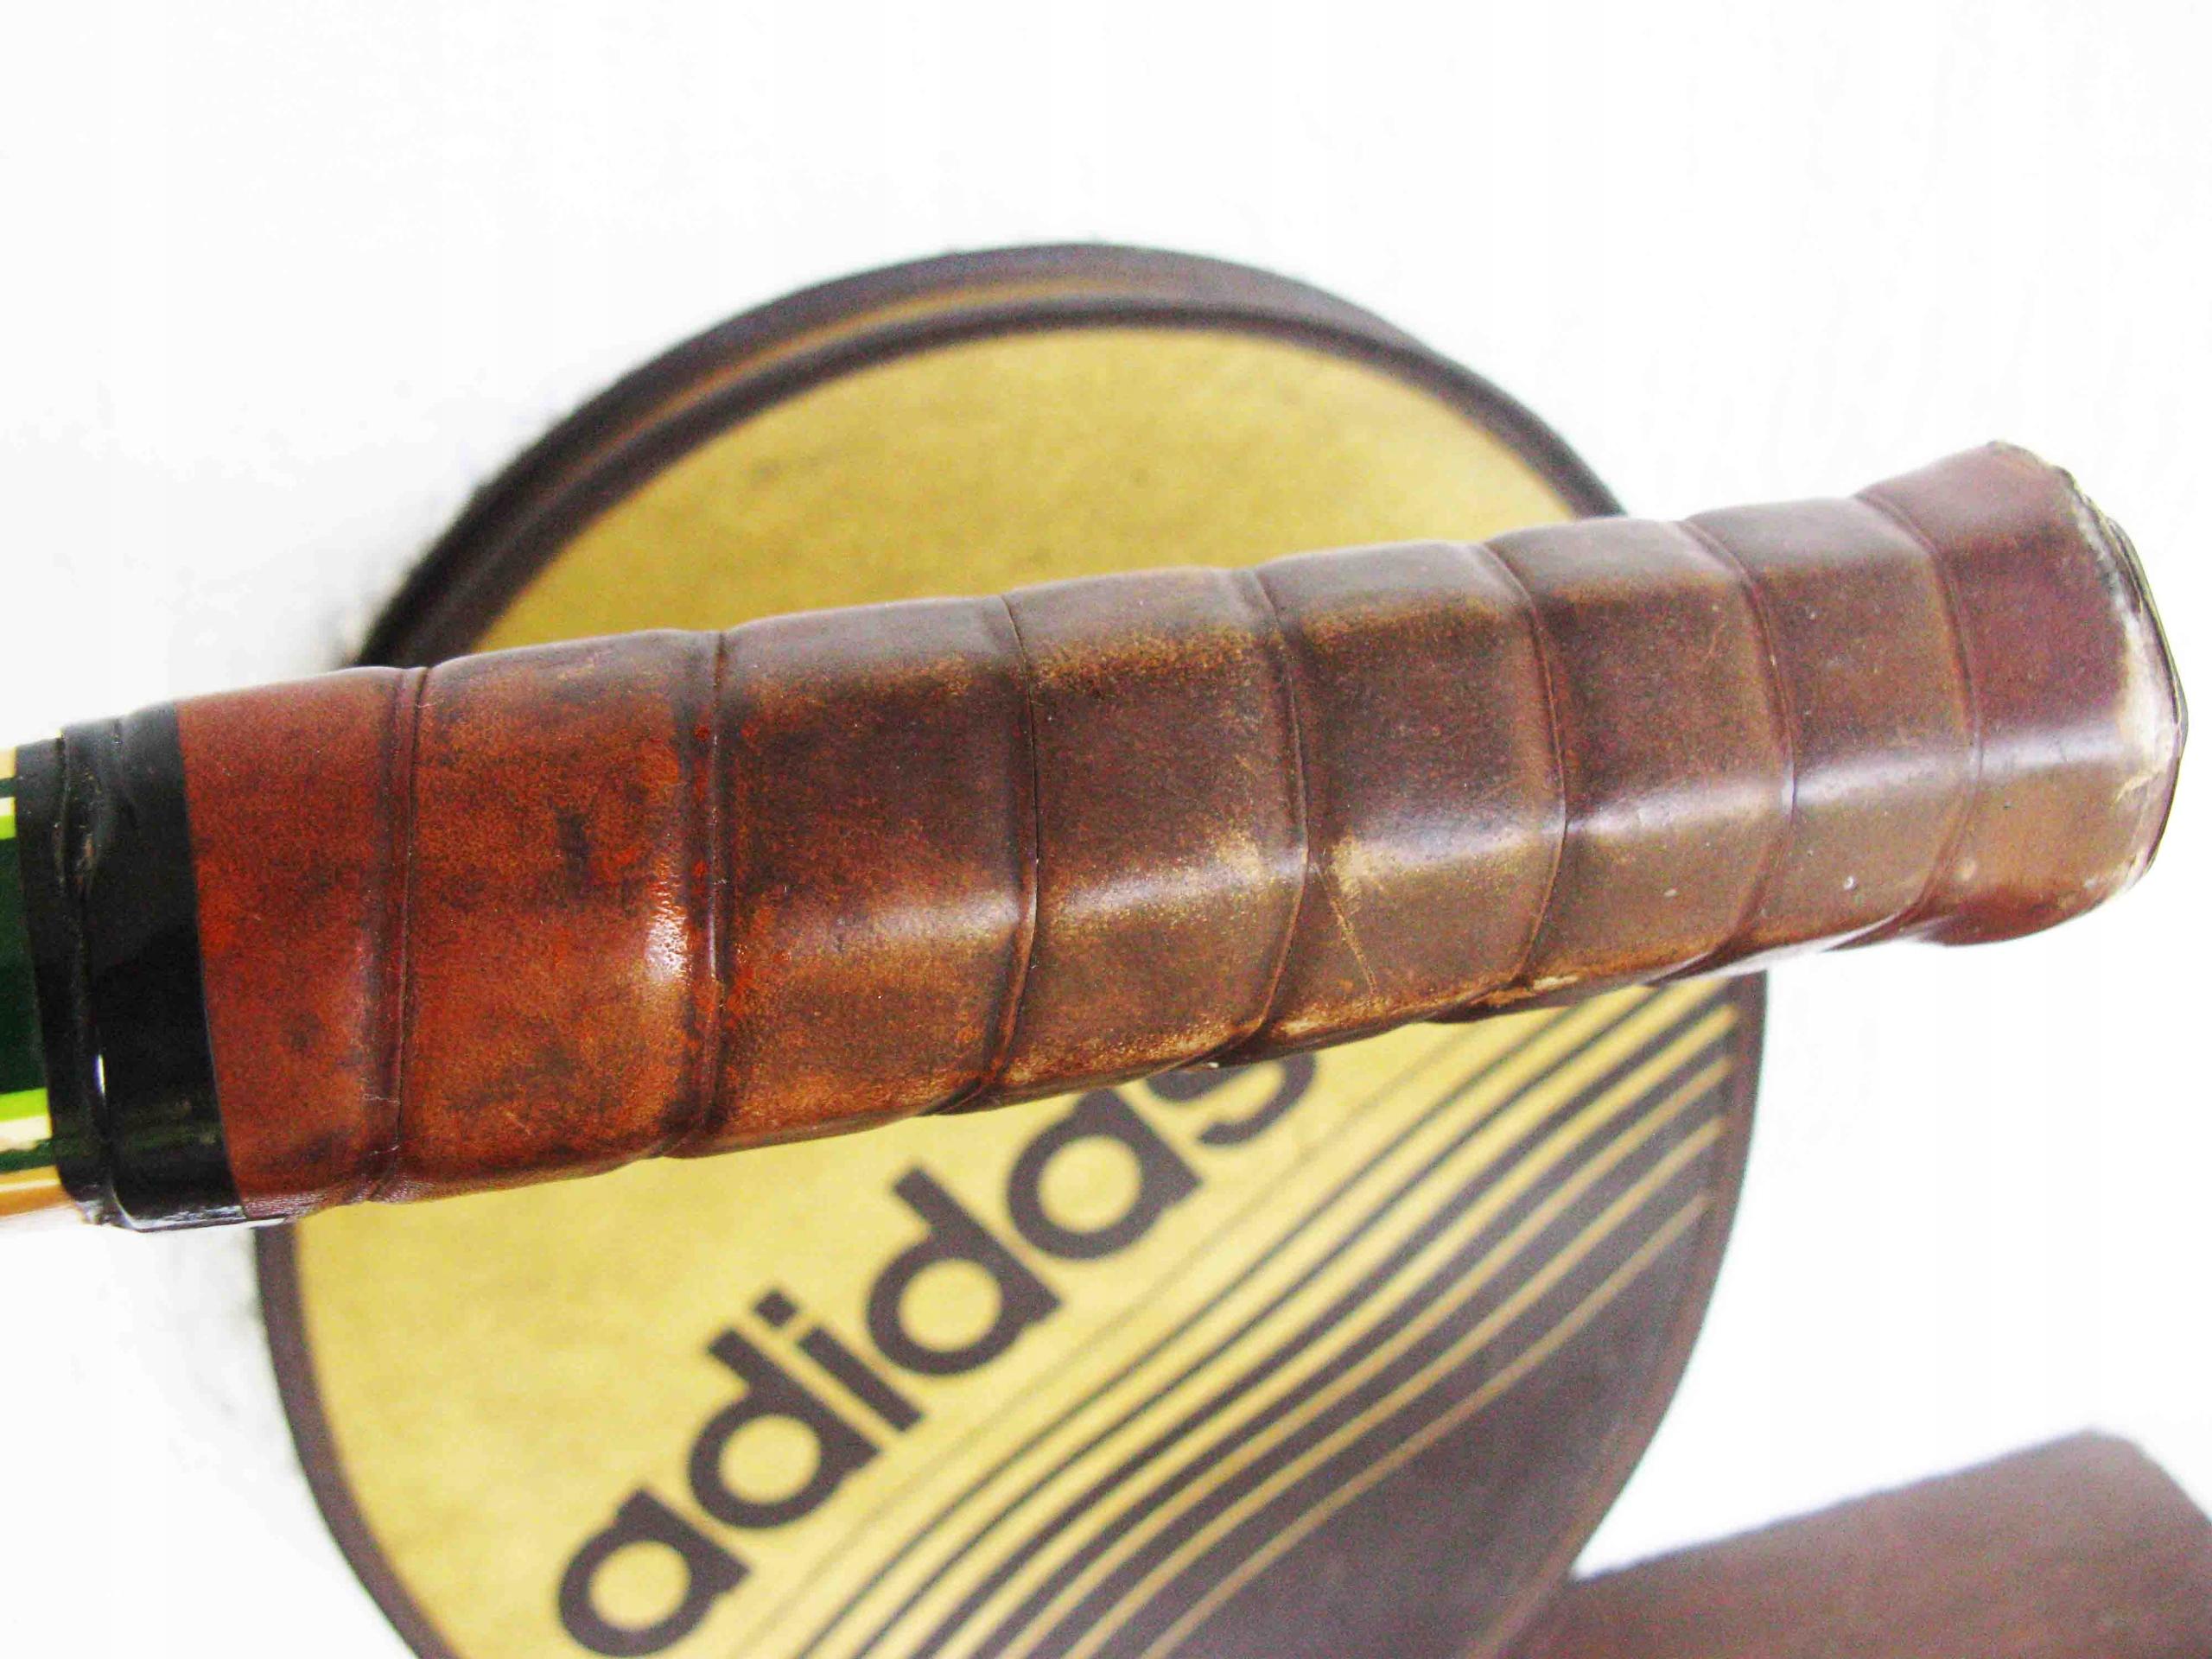 Rakieta do Tenisa - Adidas 80lata Biarritz Ads 030